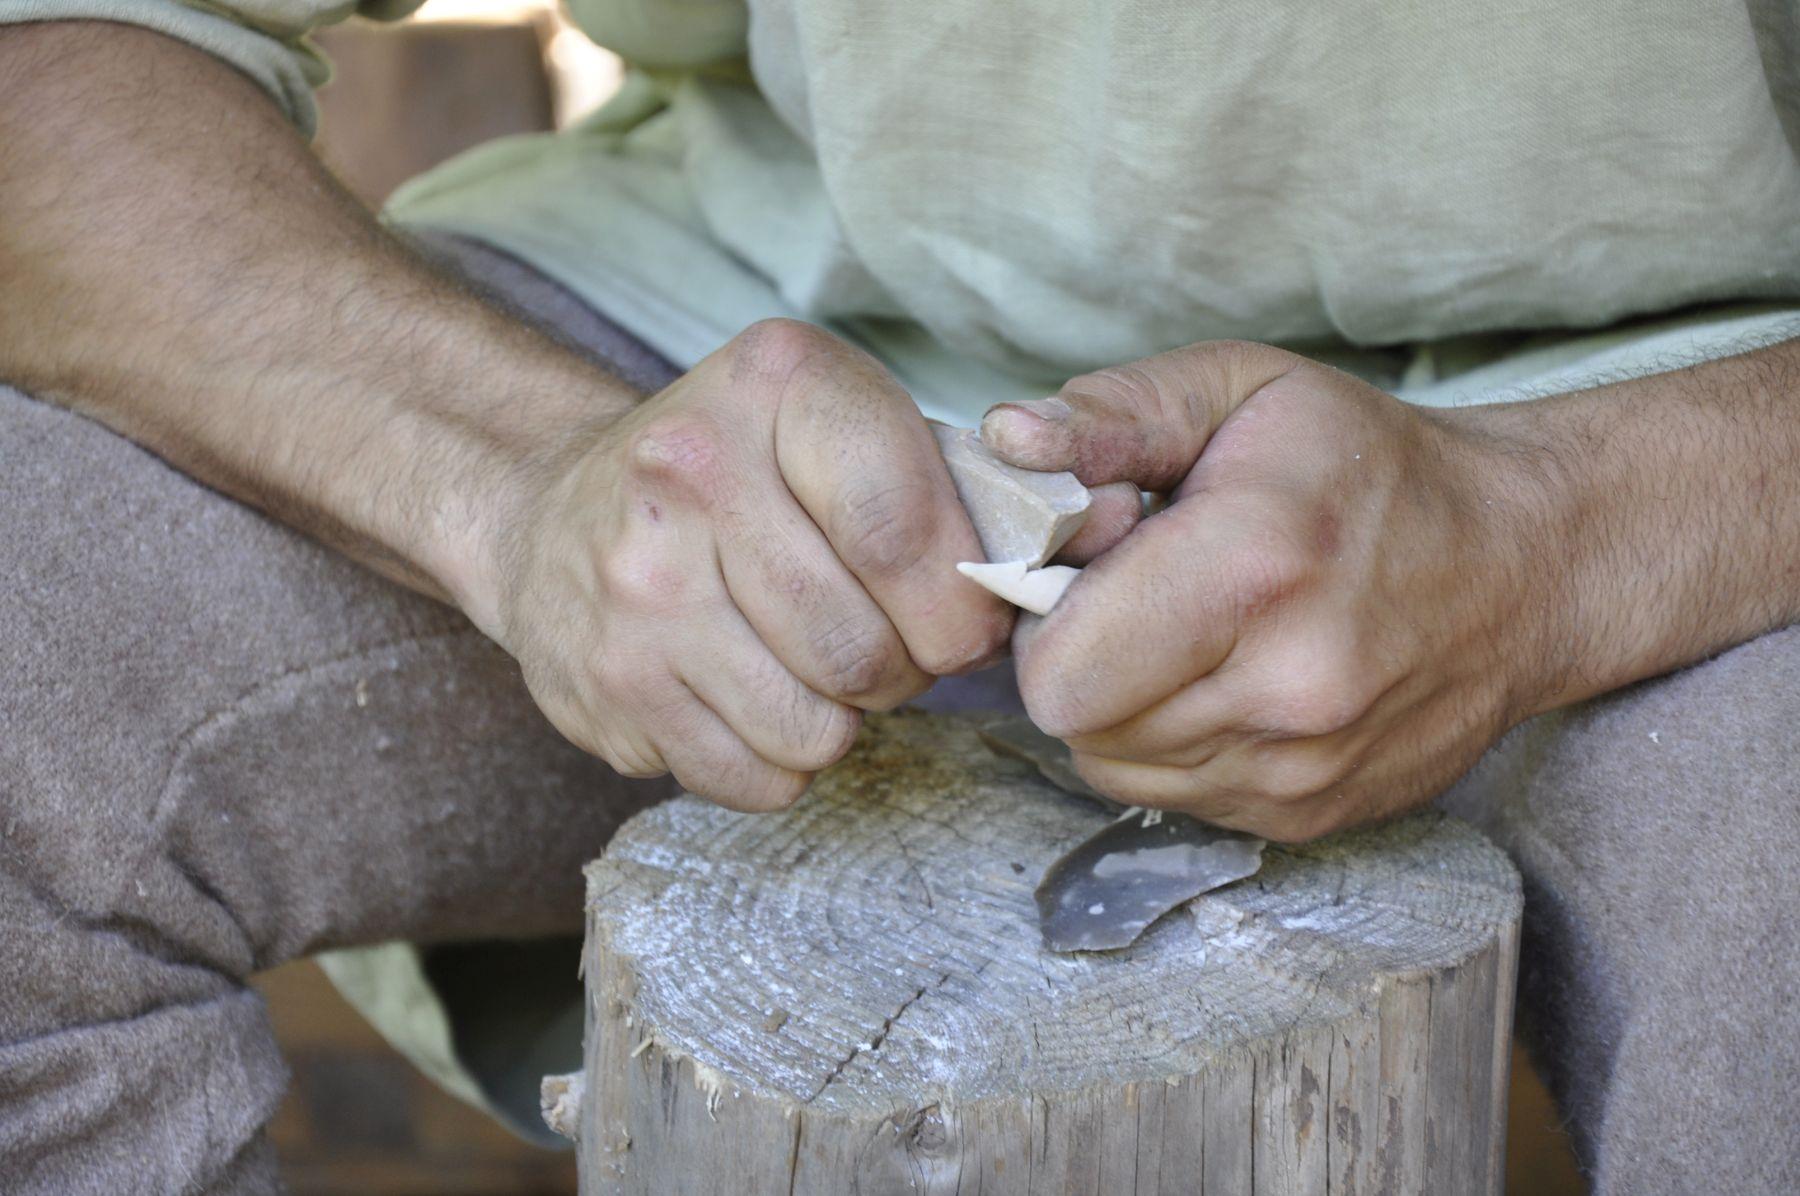 Randa Ardesca Archéosite d'Ardèche - Fabrication d'un harpon en os